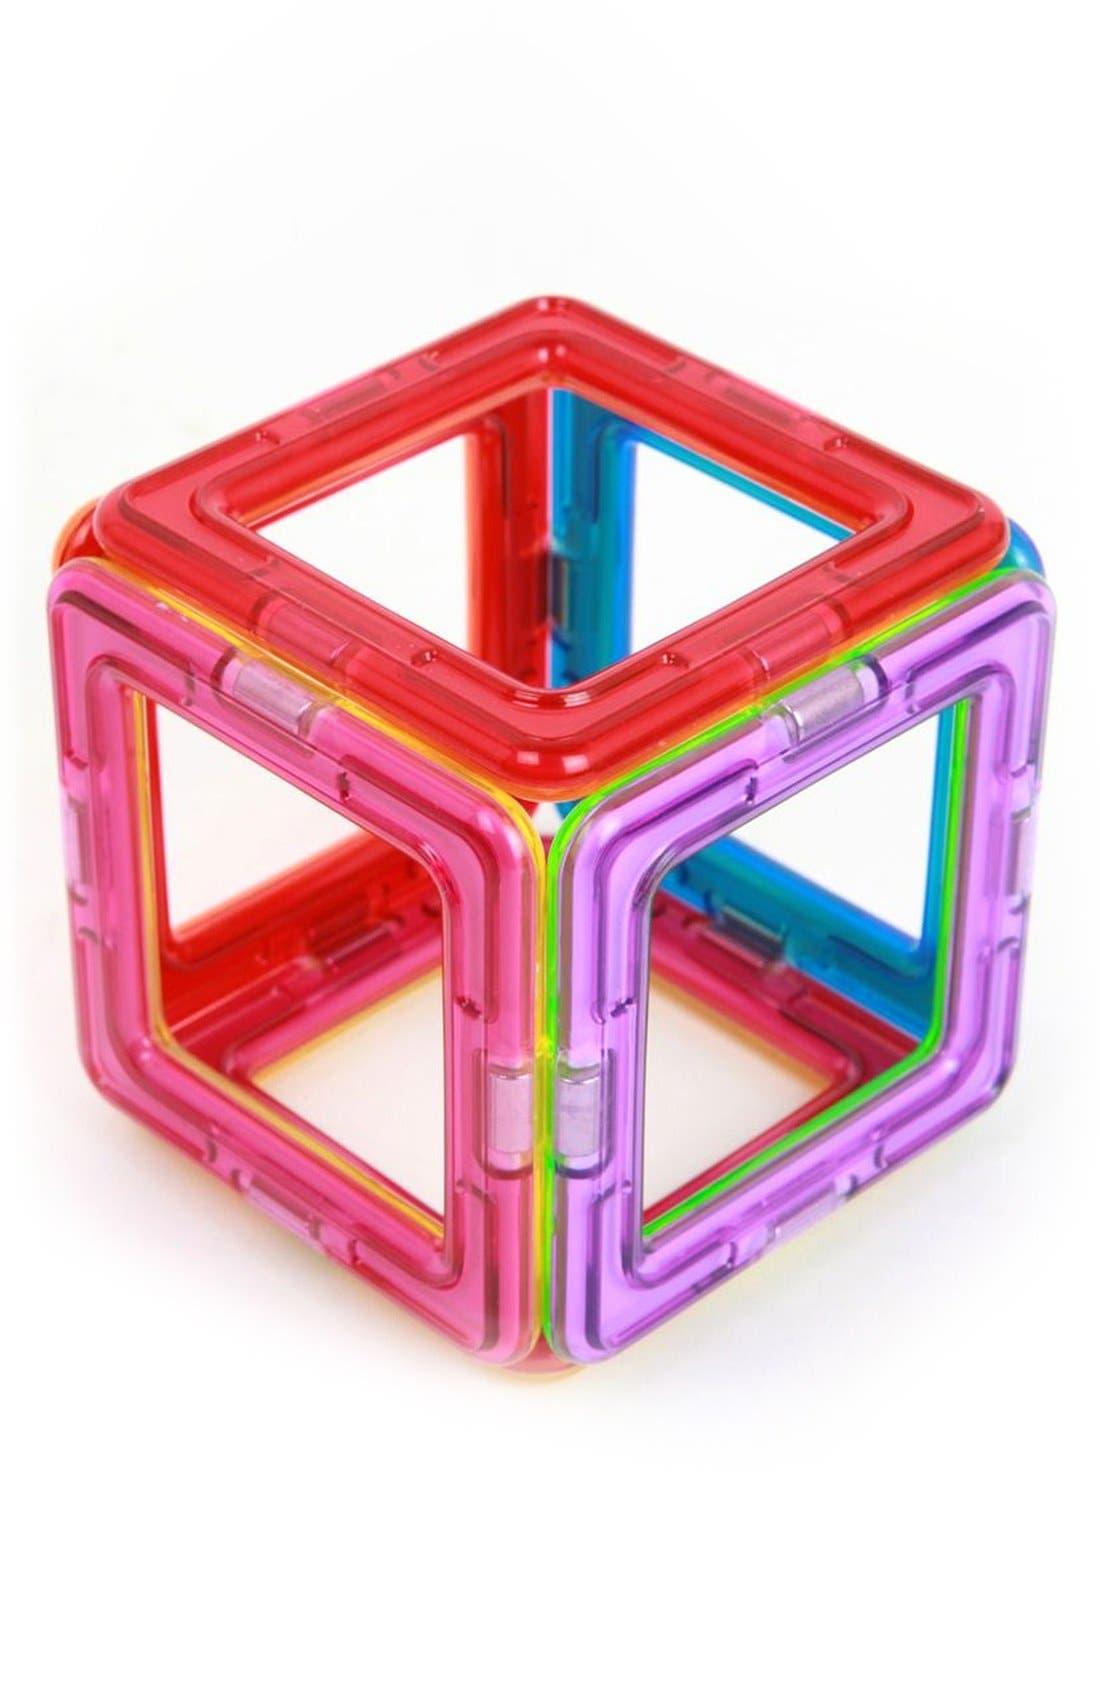 'Squares' Construction Set,                             Alternate thumbnail 2, color,